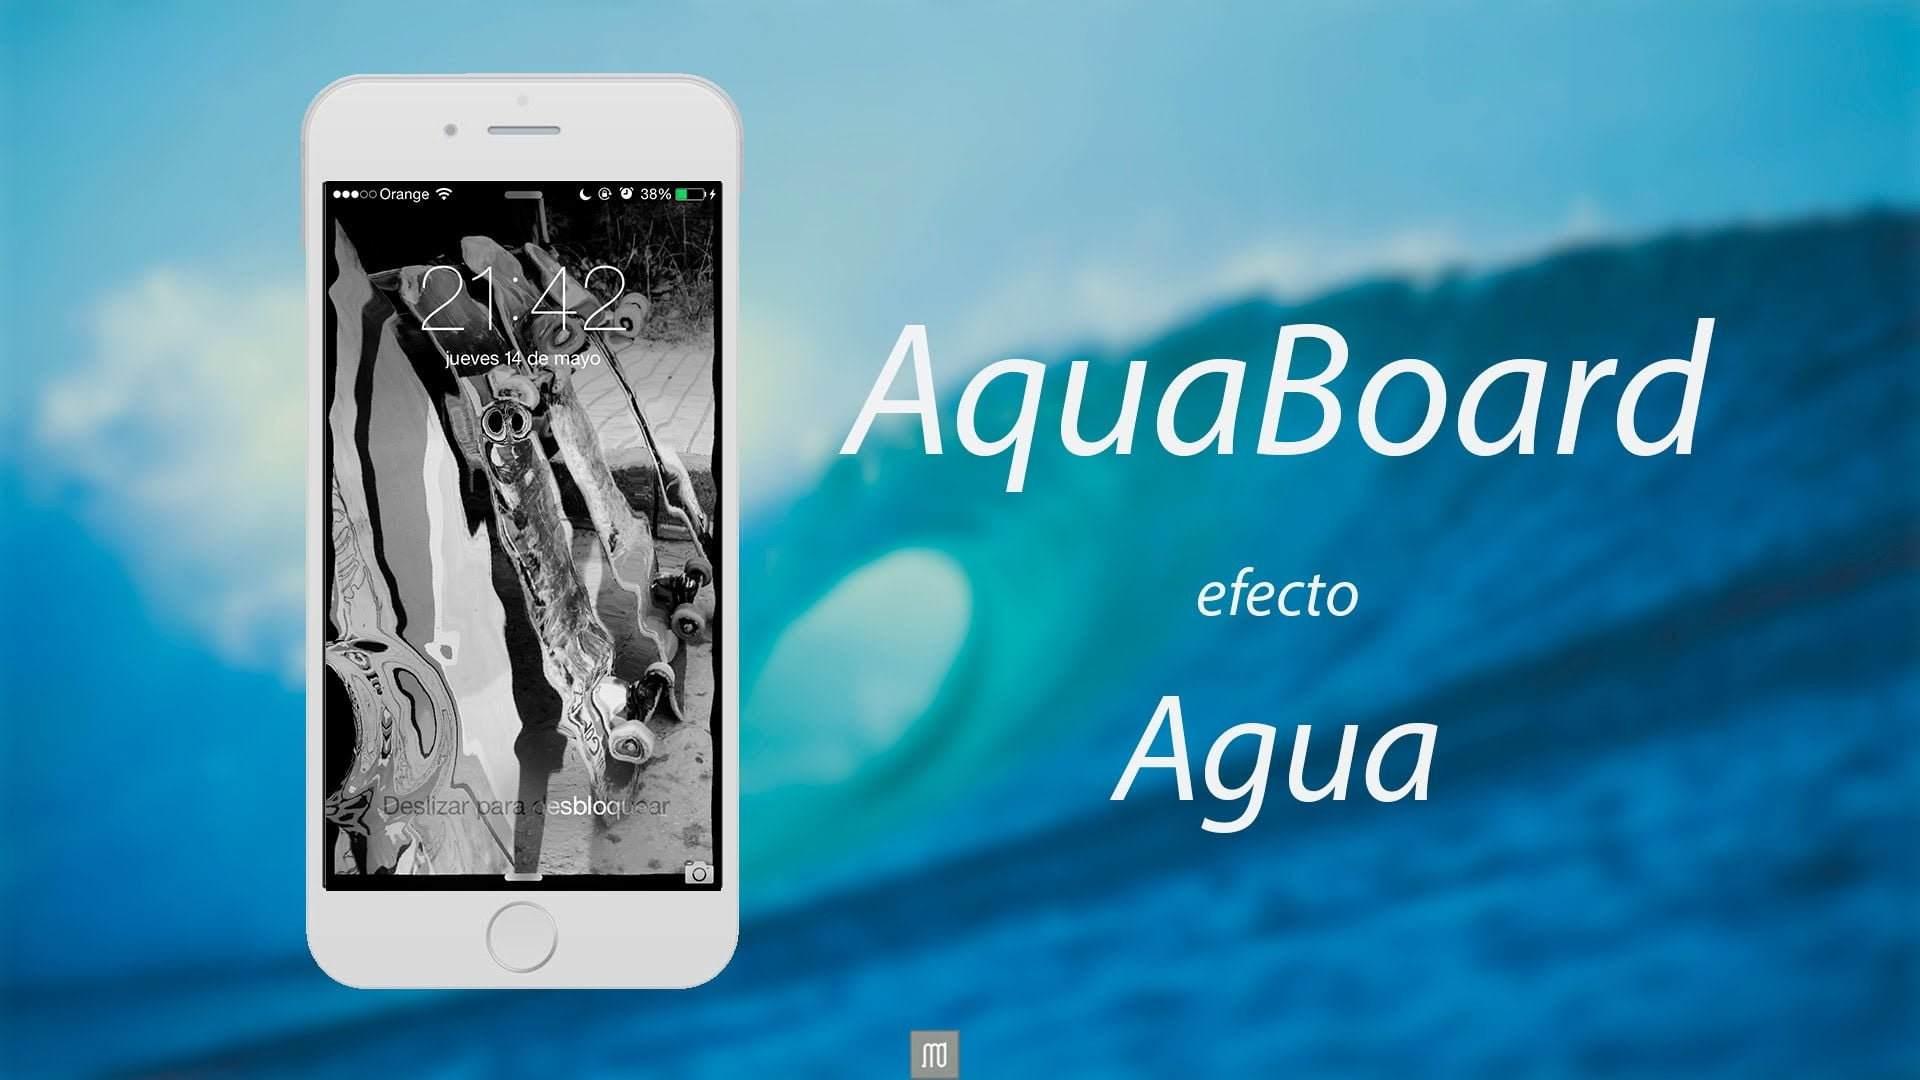 AquaBoard Cydia Tweak 2